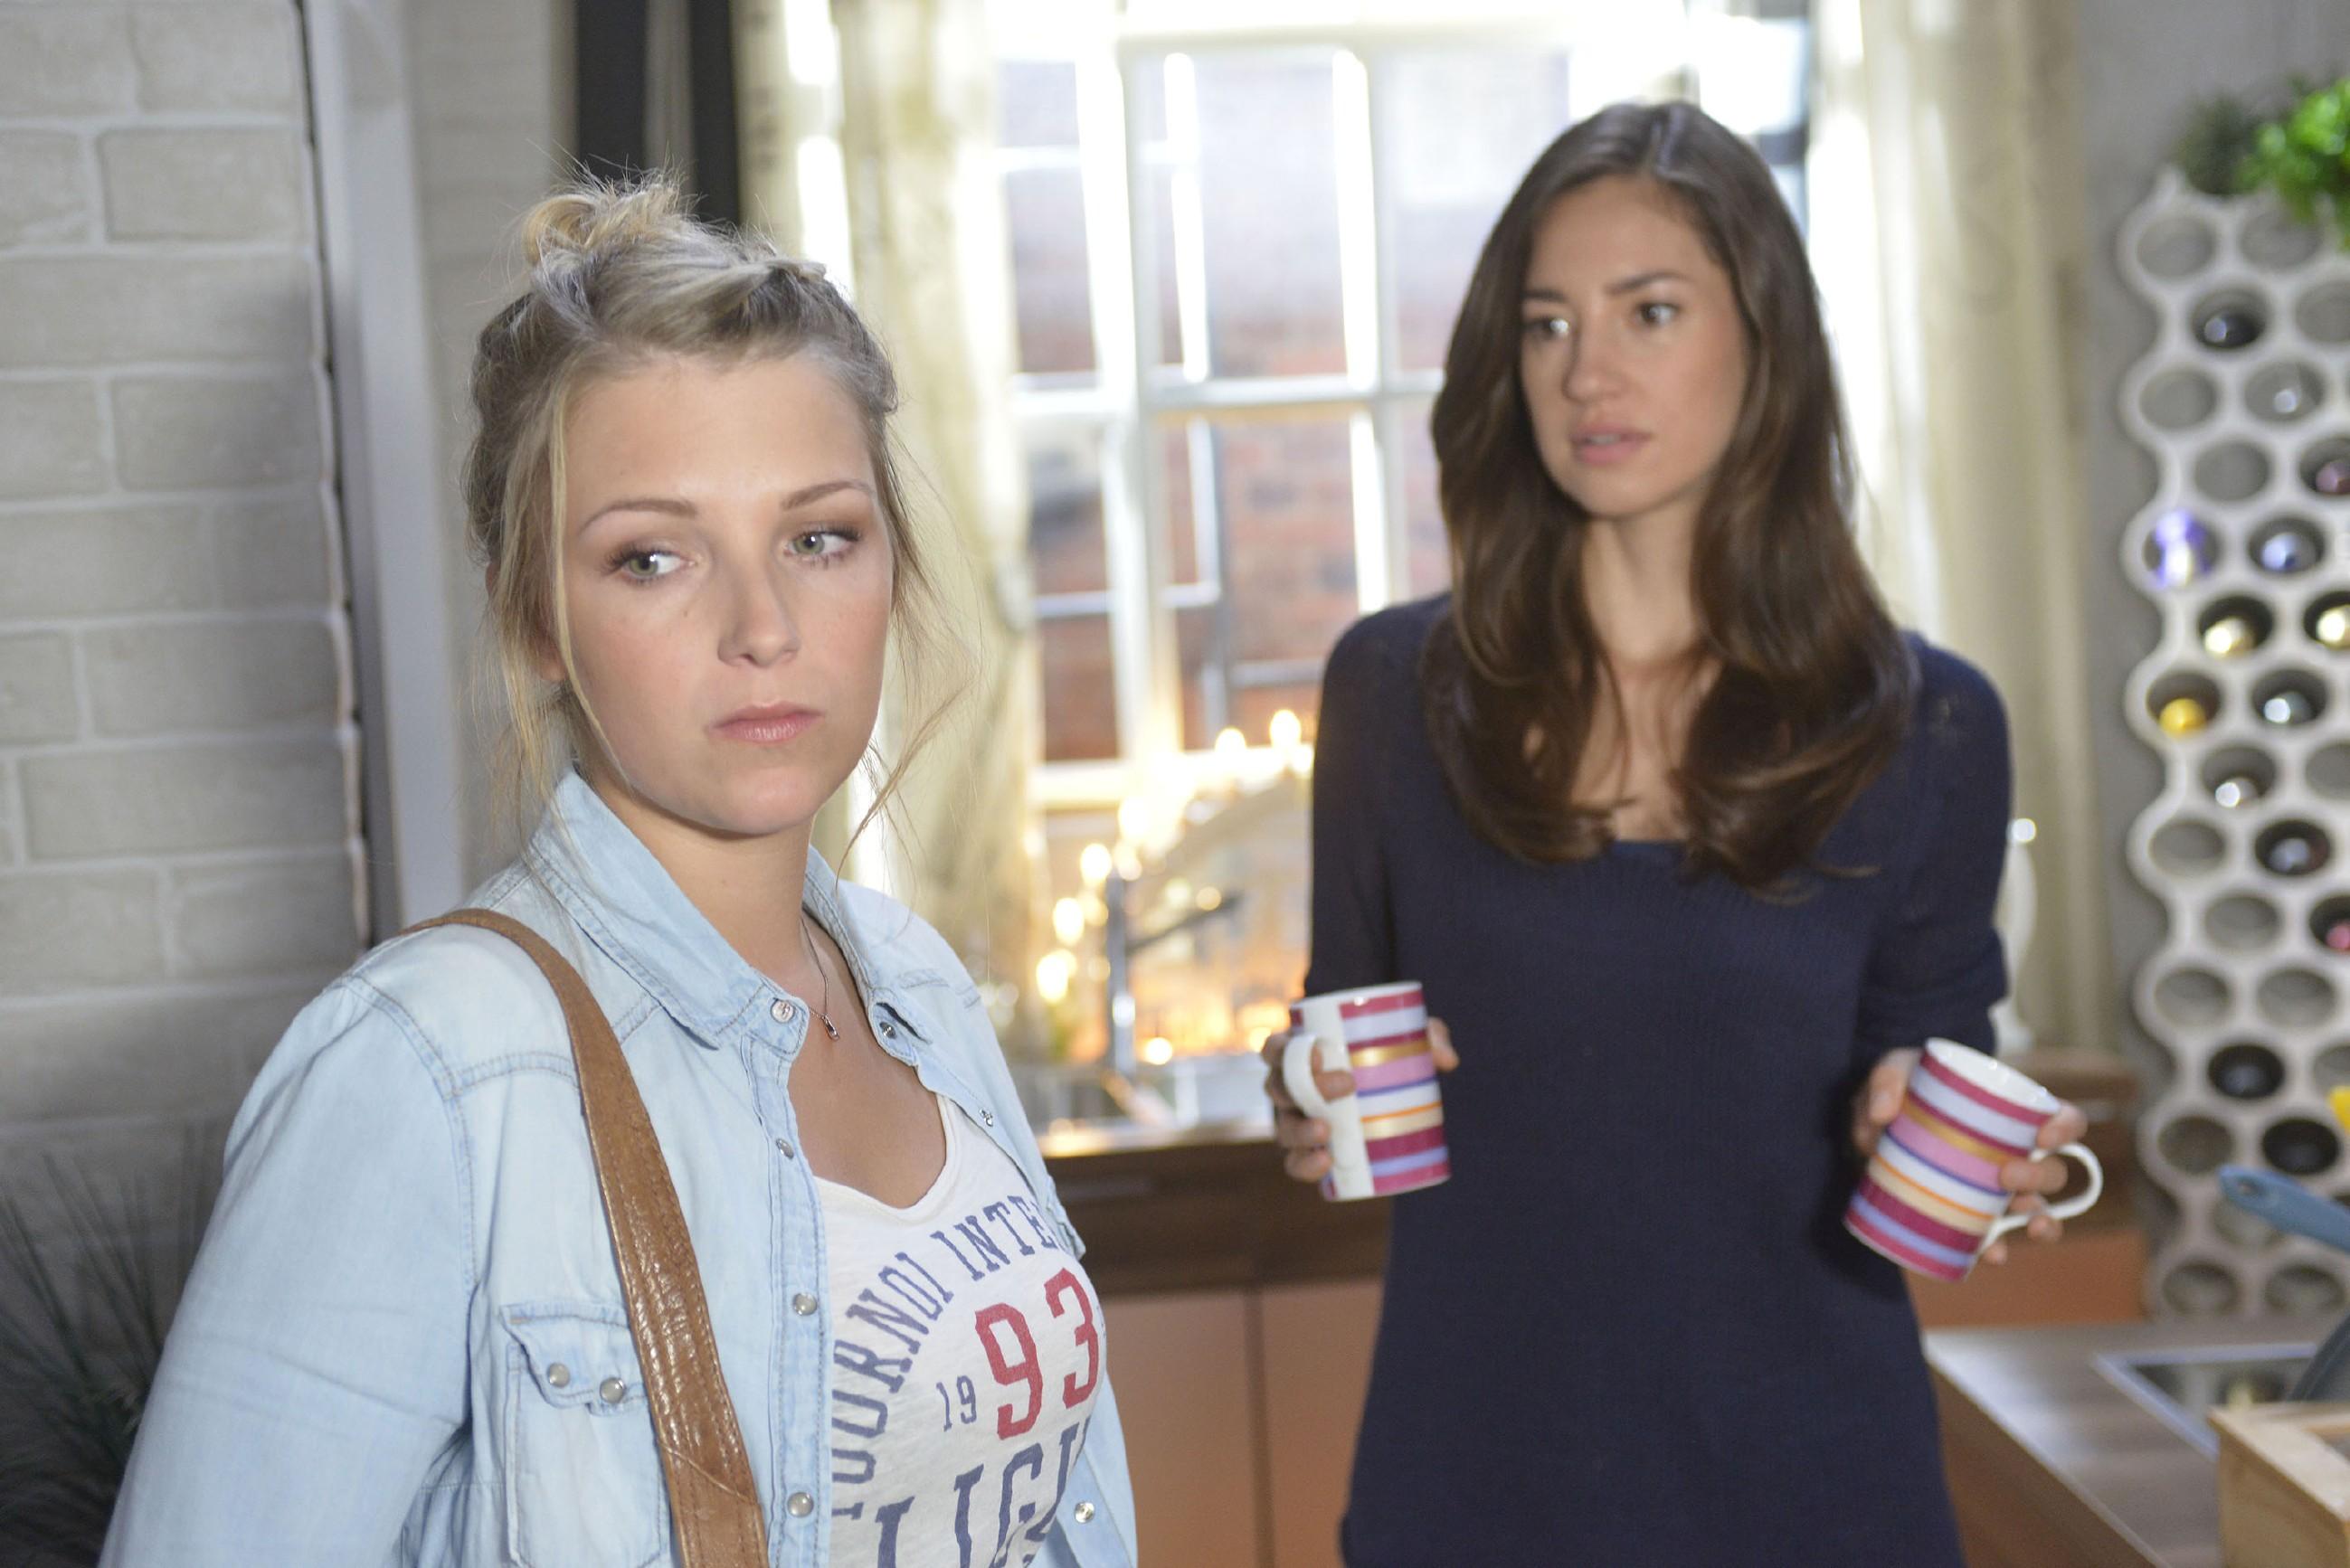 Elena (Elena Garcia Gerlach, r.) ist enttäuscht, dass auch Lilly (Iris Mareike Steen) sich von ihr abwendet. (Quelle: RTL / Rolf Baumgartner)